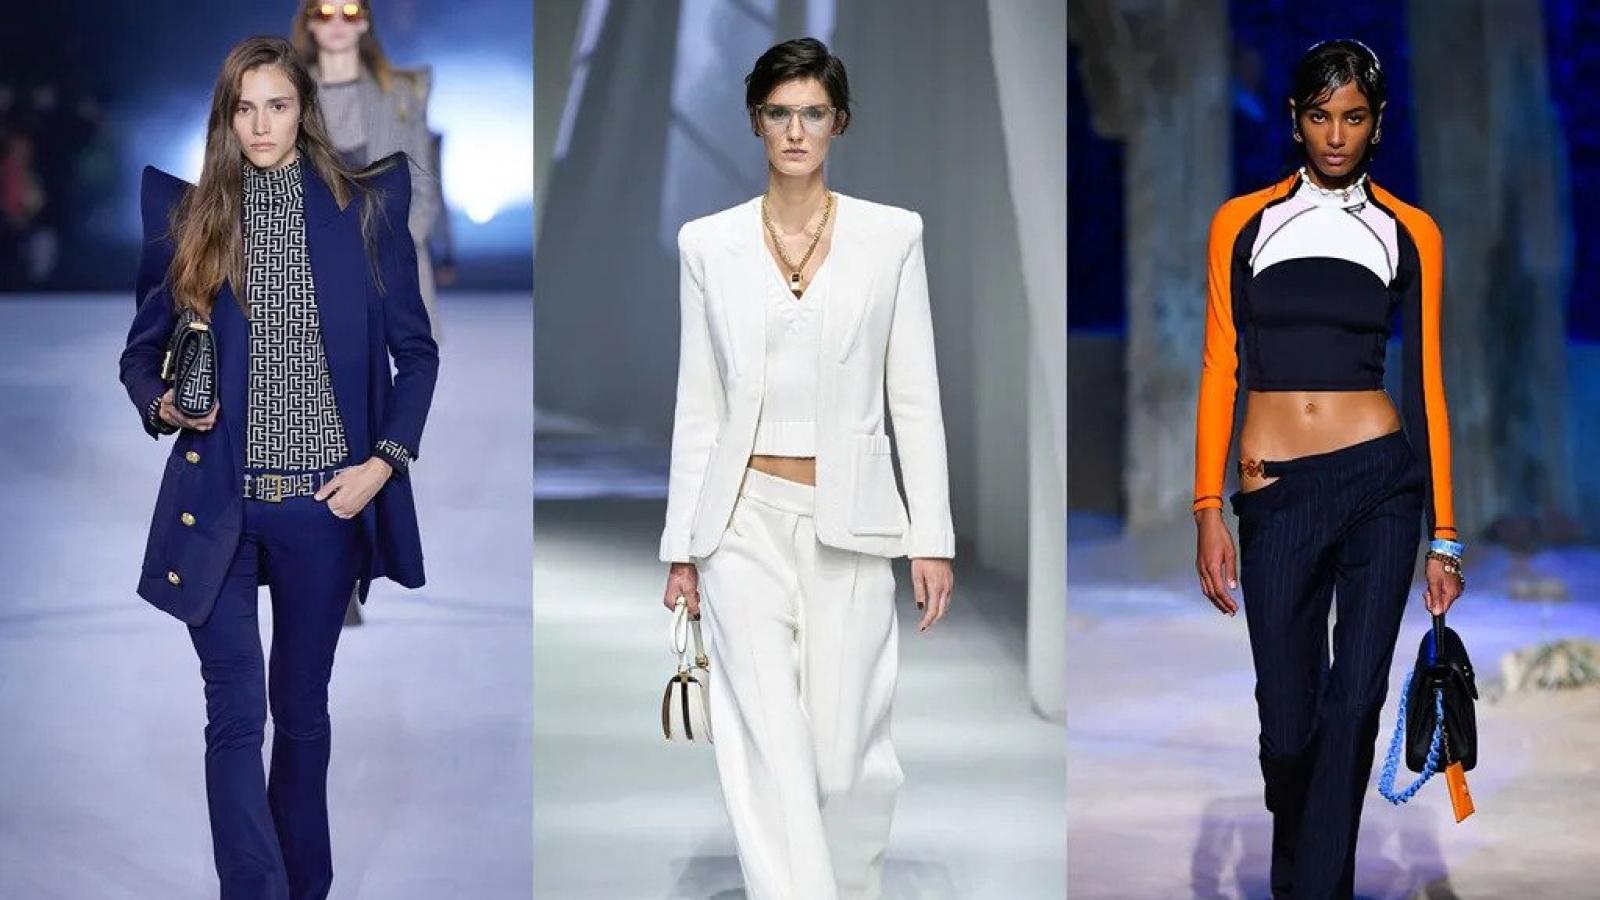 Xu hướng thời trang Xuân/Hè 2021: Sự trở lại của những thiết kế thập niên 90